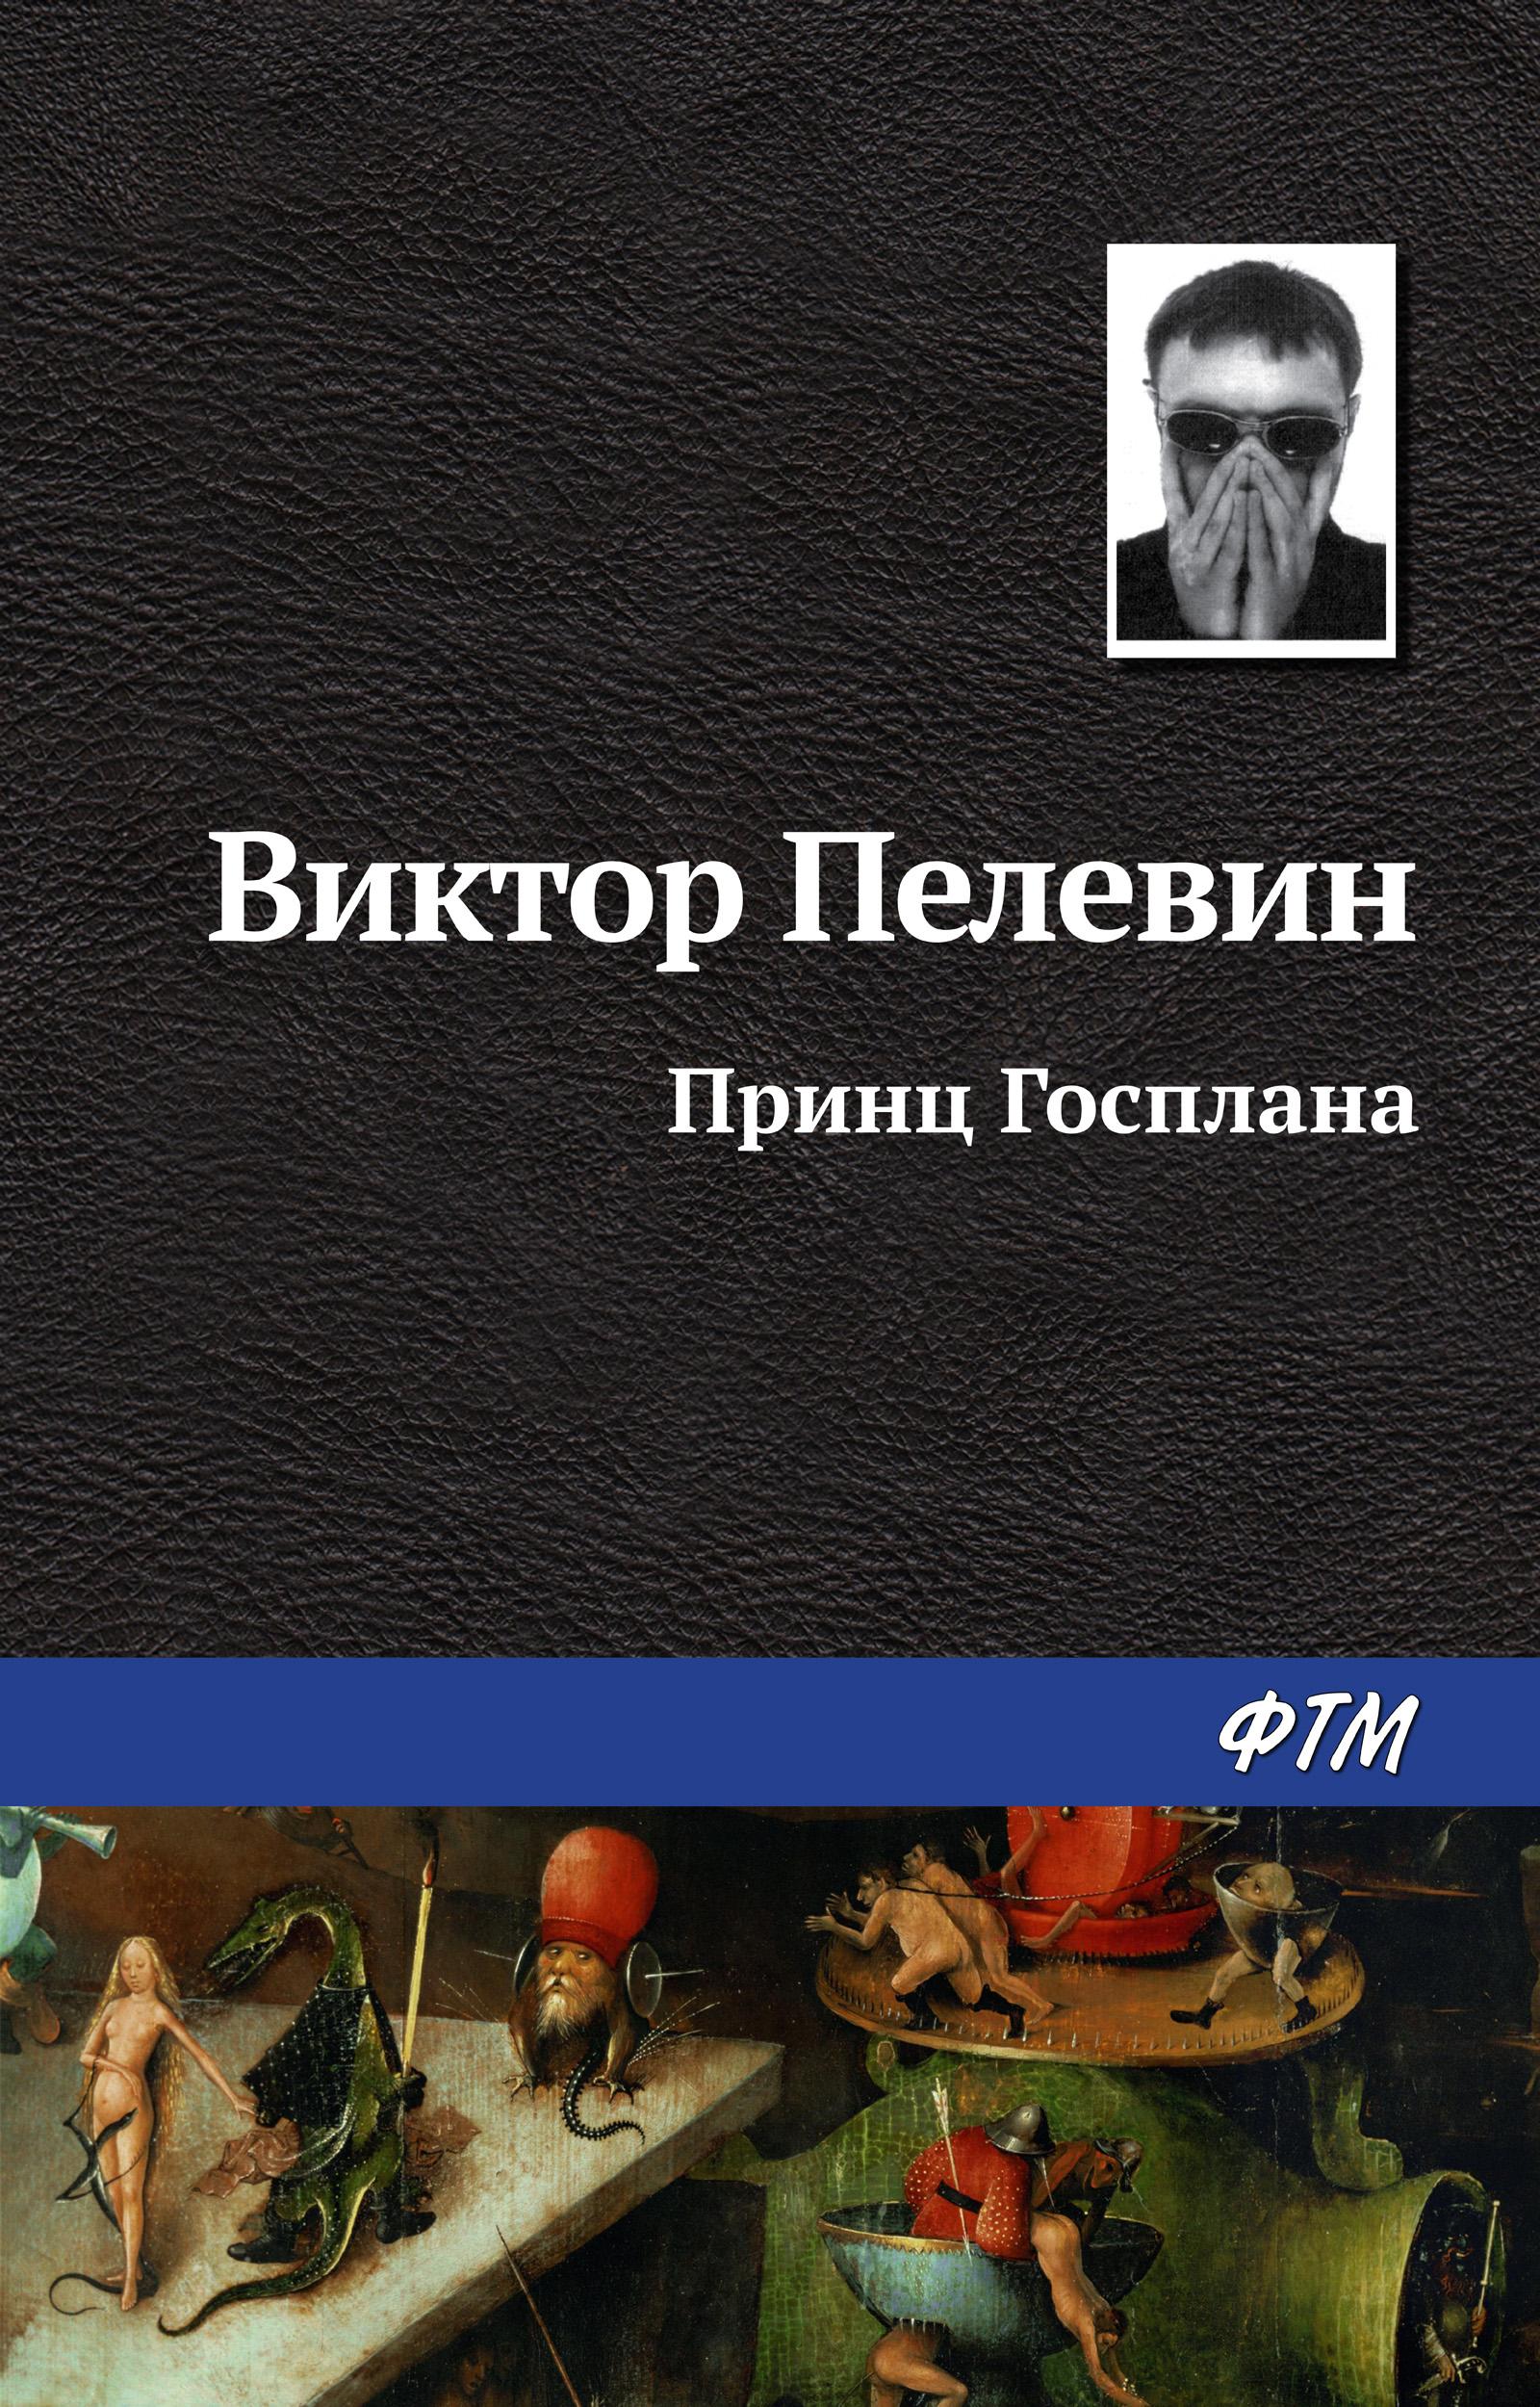 Принц Госплана